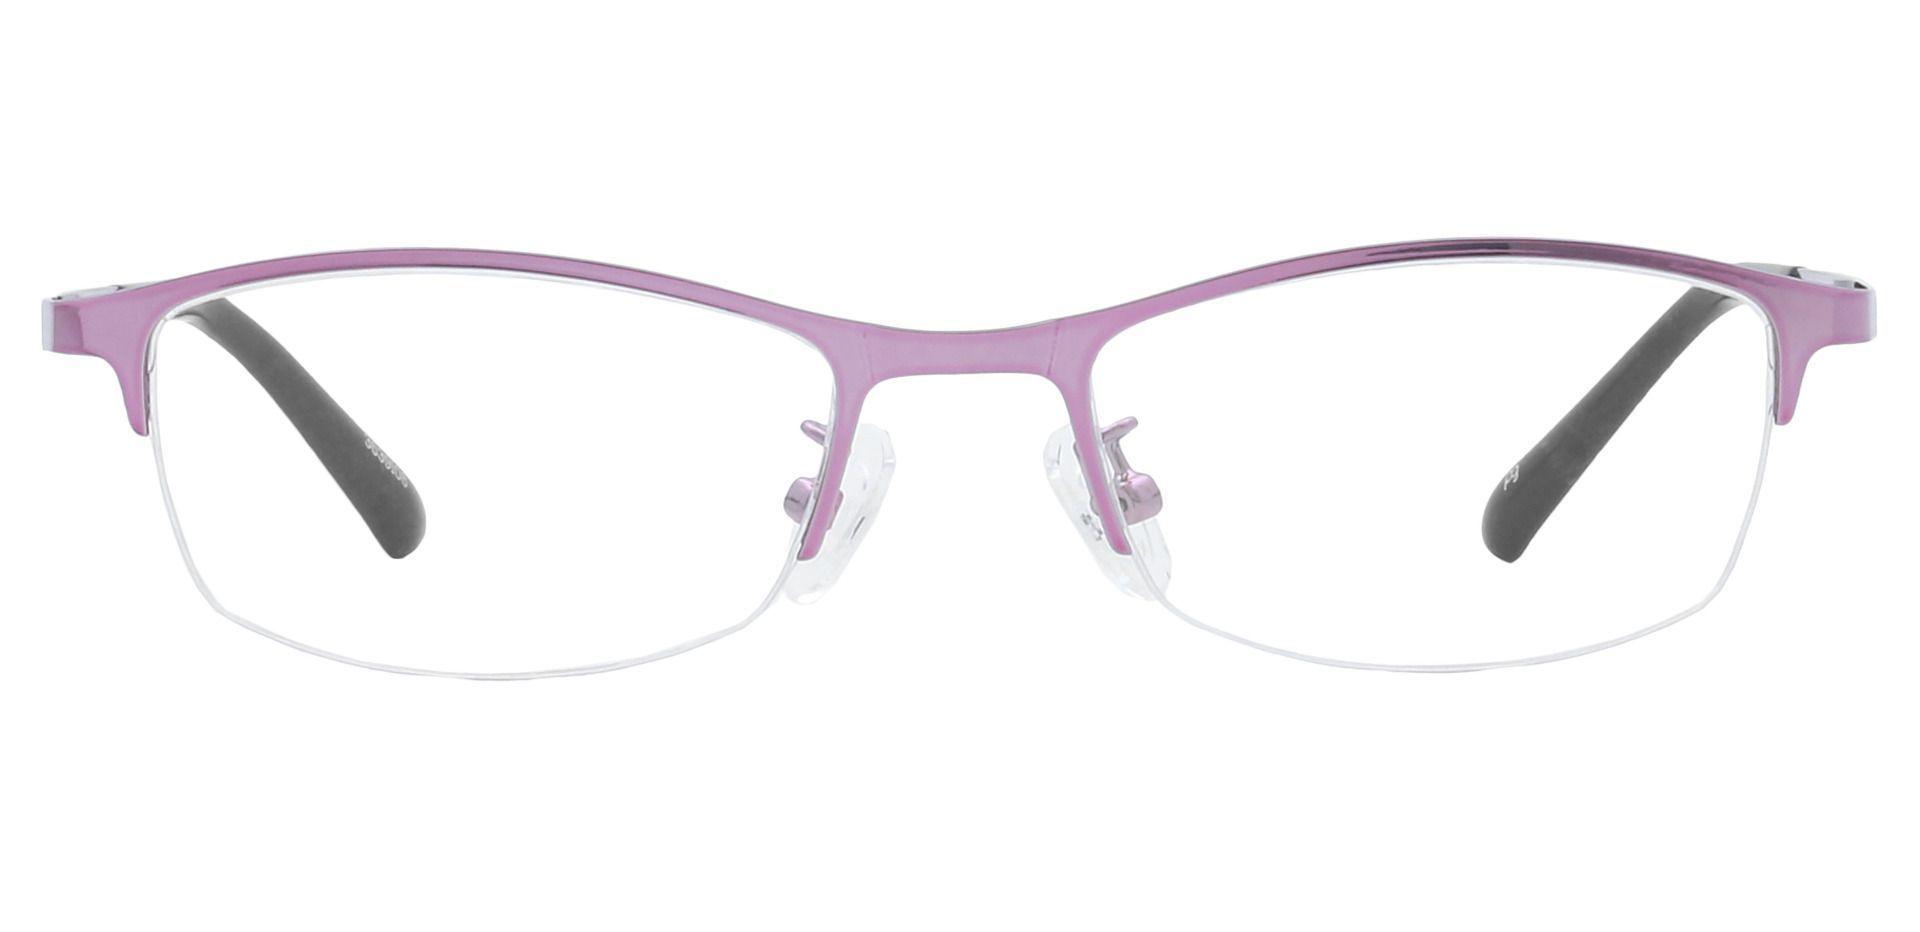 Eliza Rectangle Eyeglasses Frame - Pink